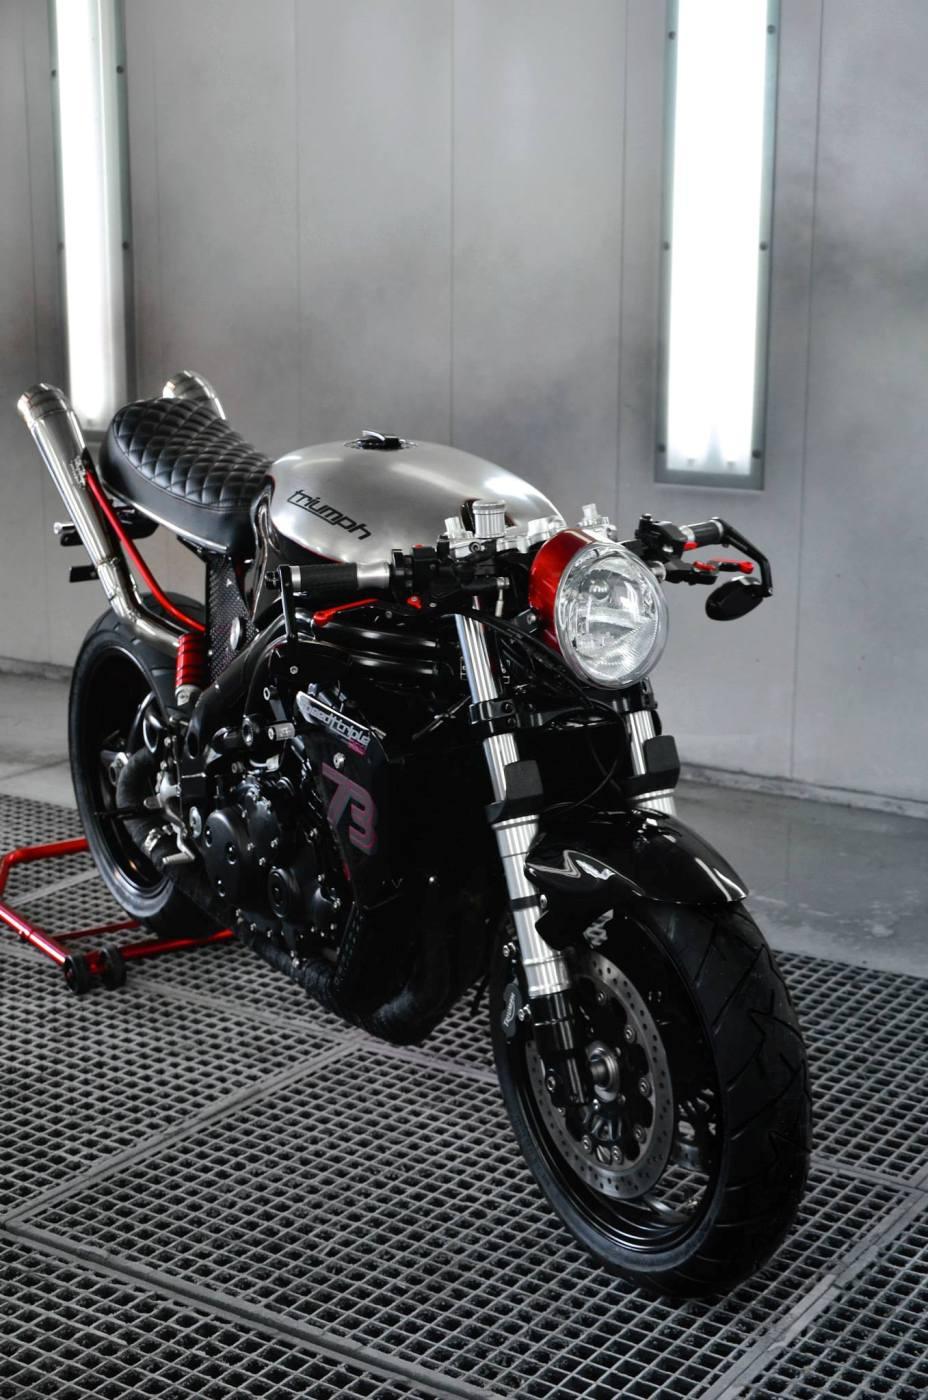 955 inazuma caf racer. Black Bedroom Furniture Sets. Home Design Ideas